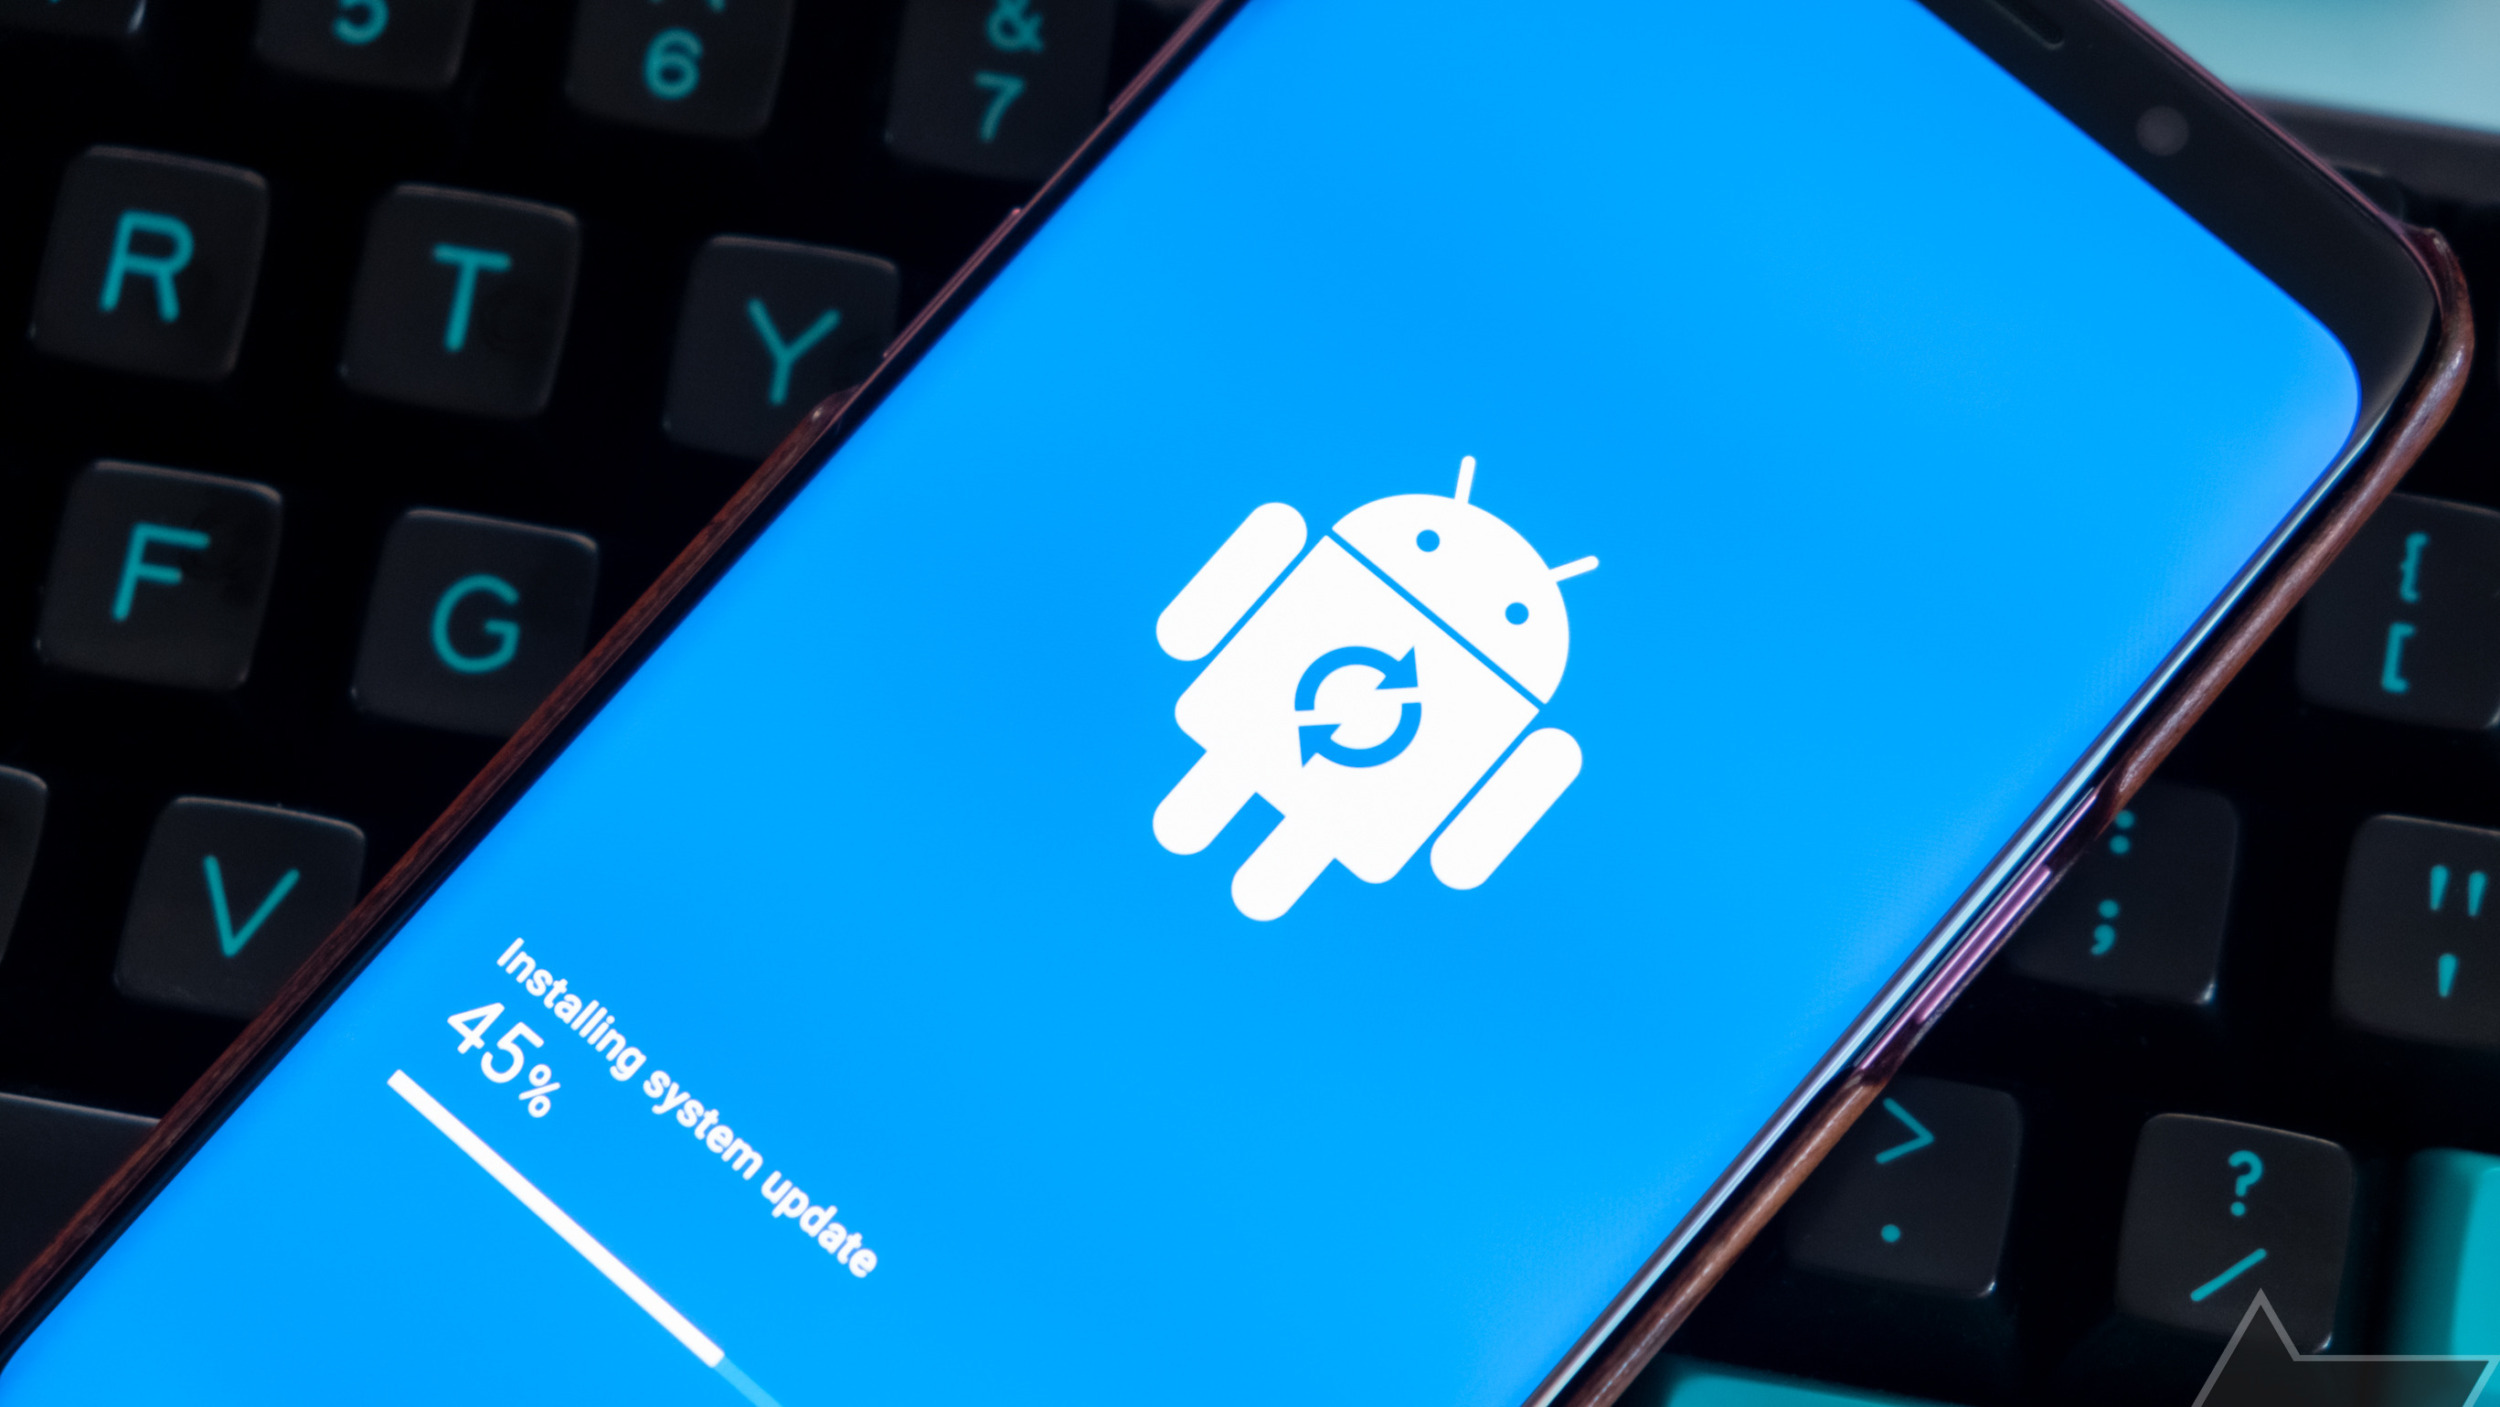 Aktualizace mobilů a výrobci, druhé místo obsadil Samsung